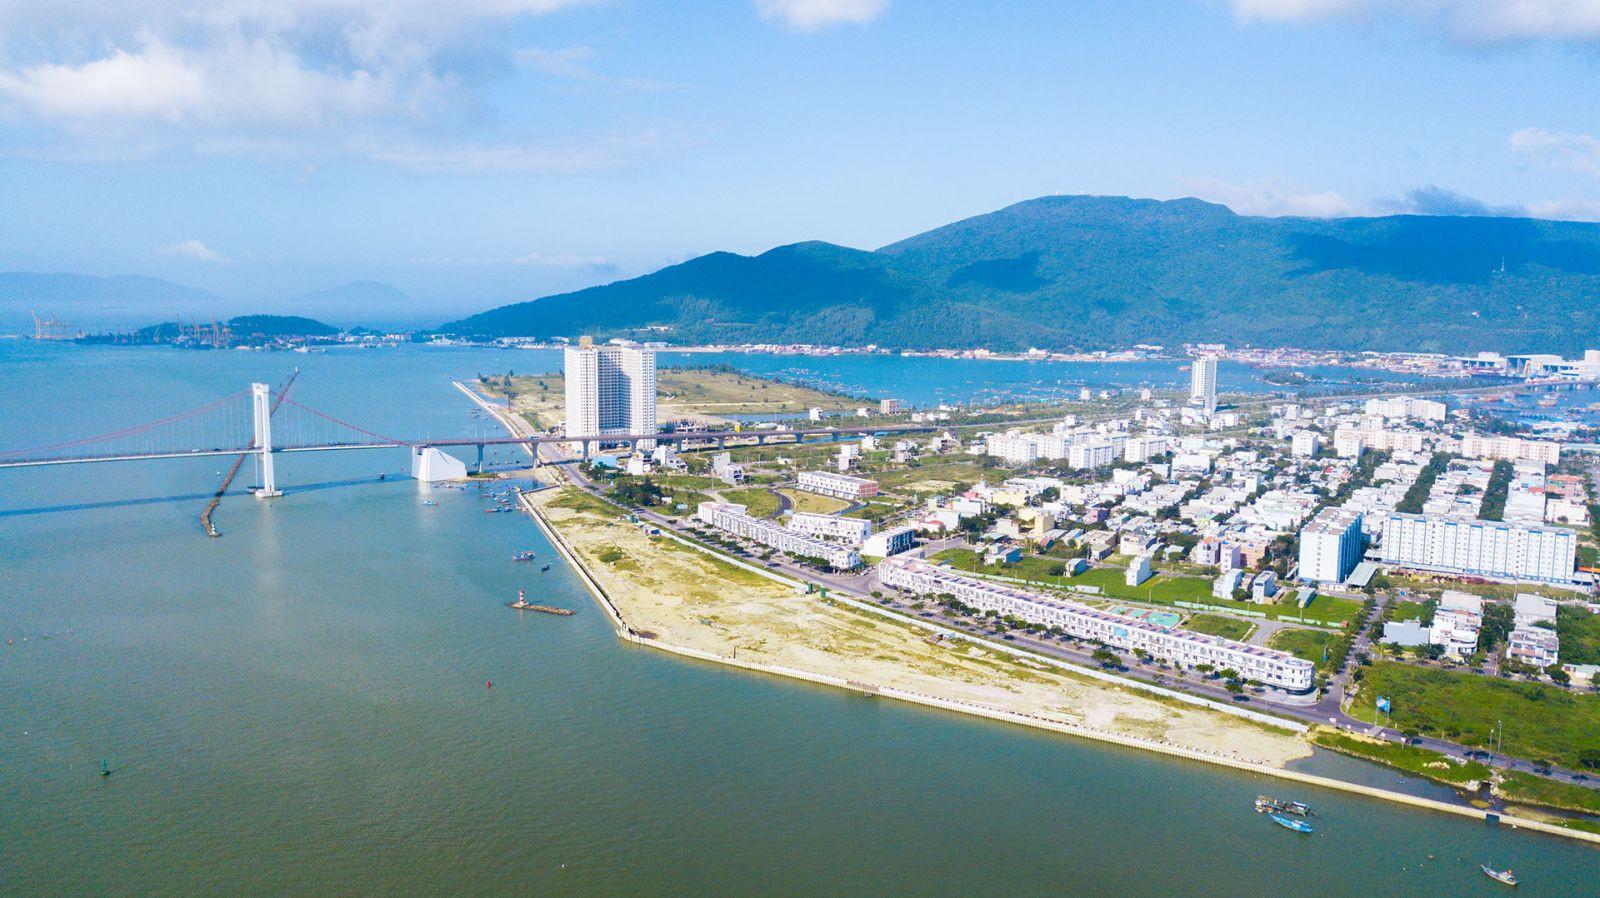 Tin tức Bất động sản ngày 16/5: Quỹ đất lớn khiến QCG sa lầy, Tân Thuận IPC rơi tự do dưới thời ông Tề Trí Dũng... - Ảnh 1.